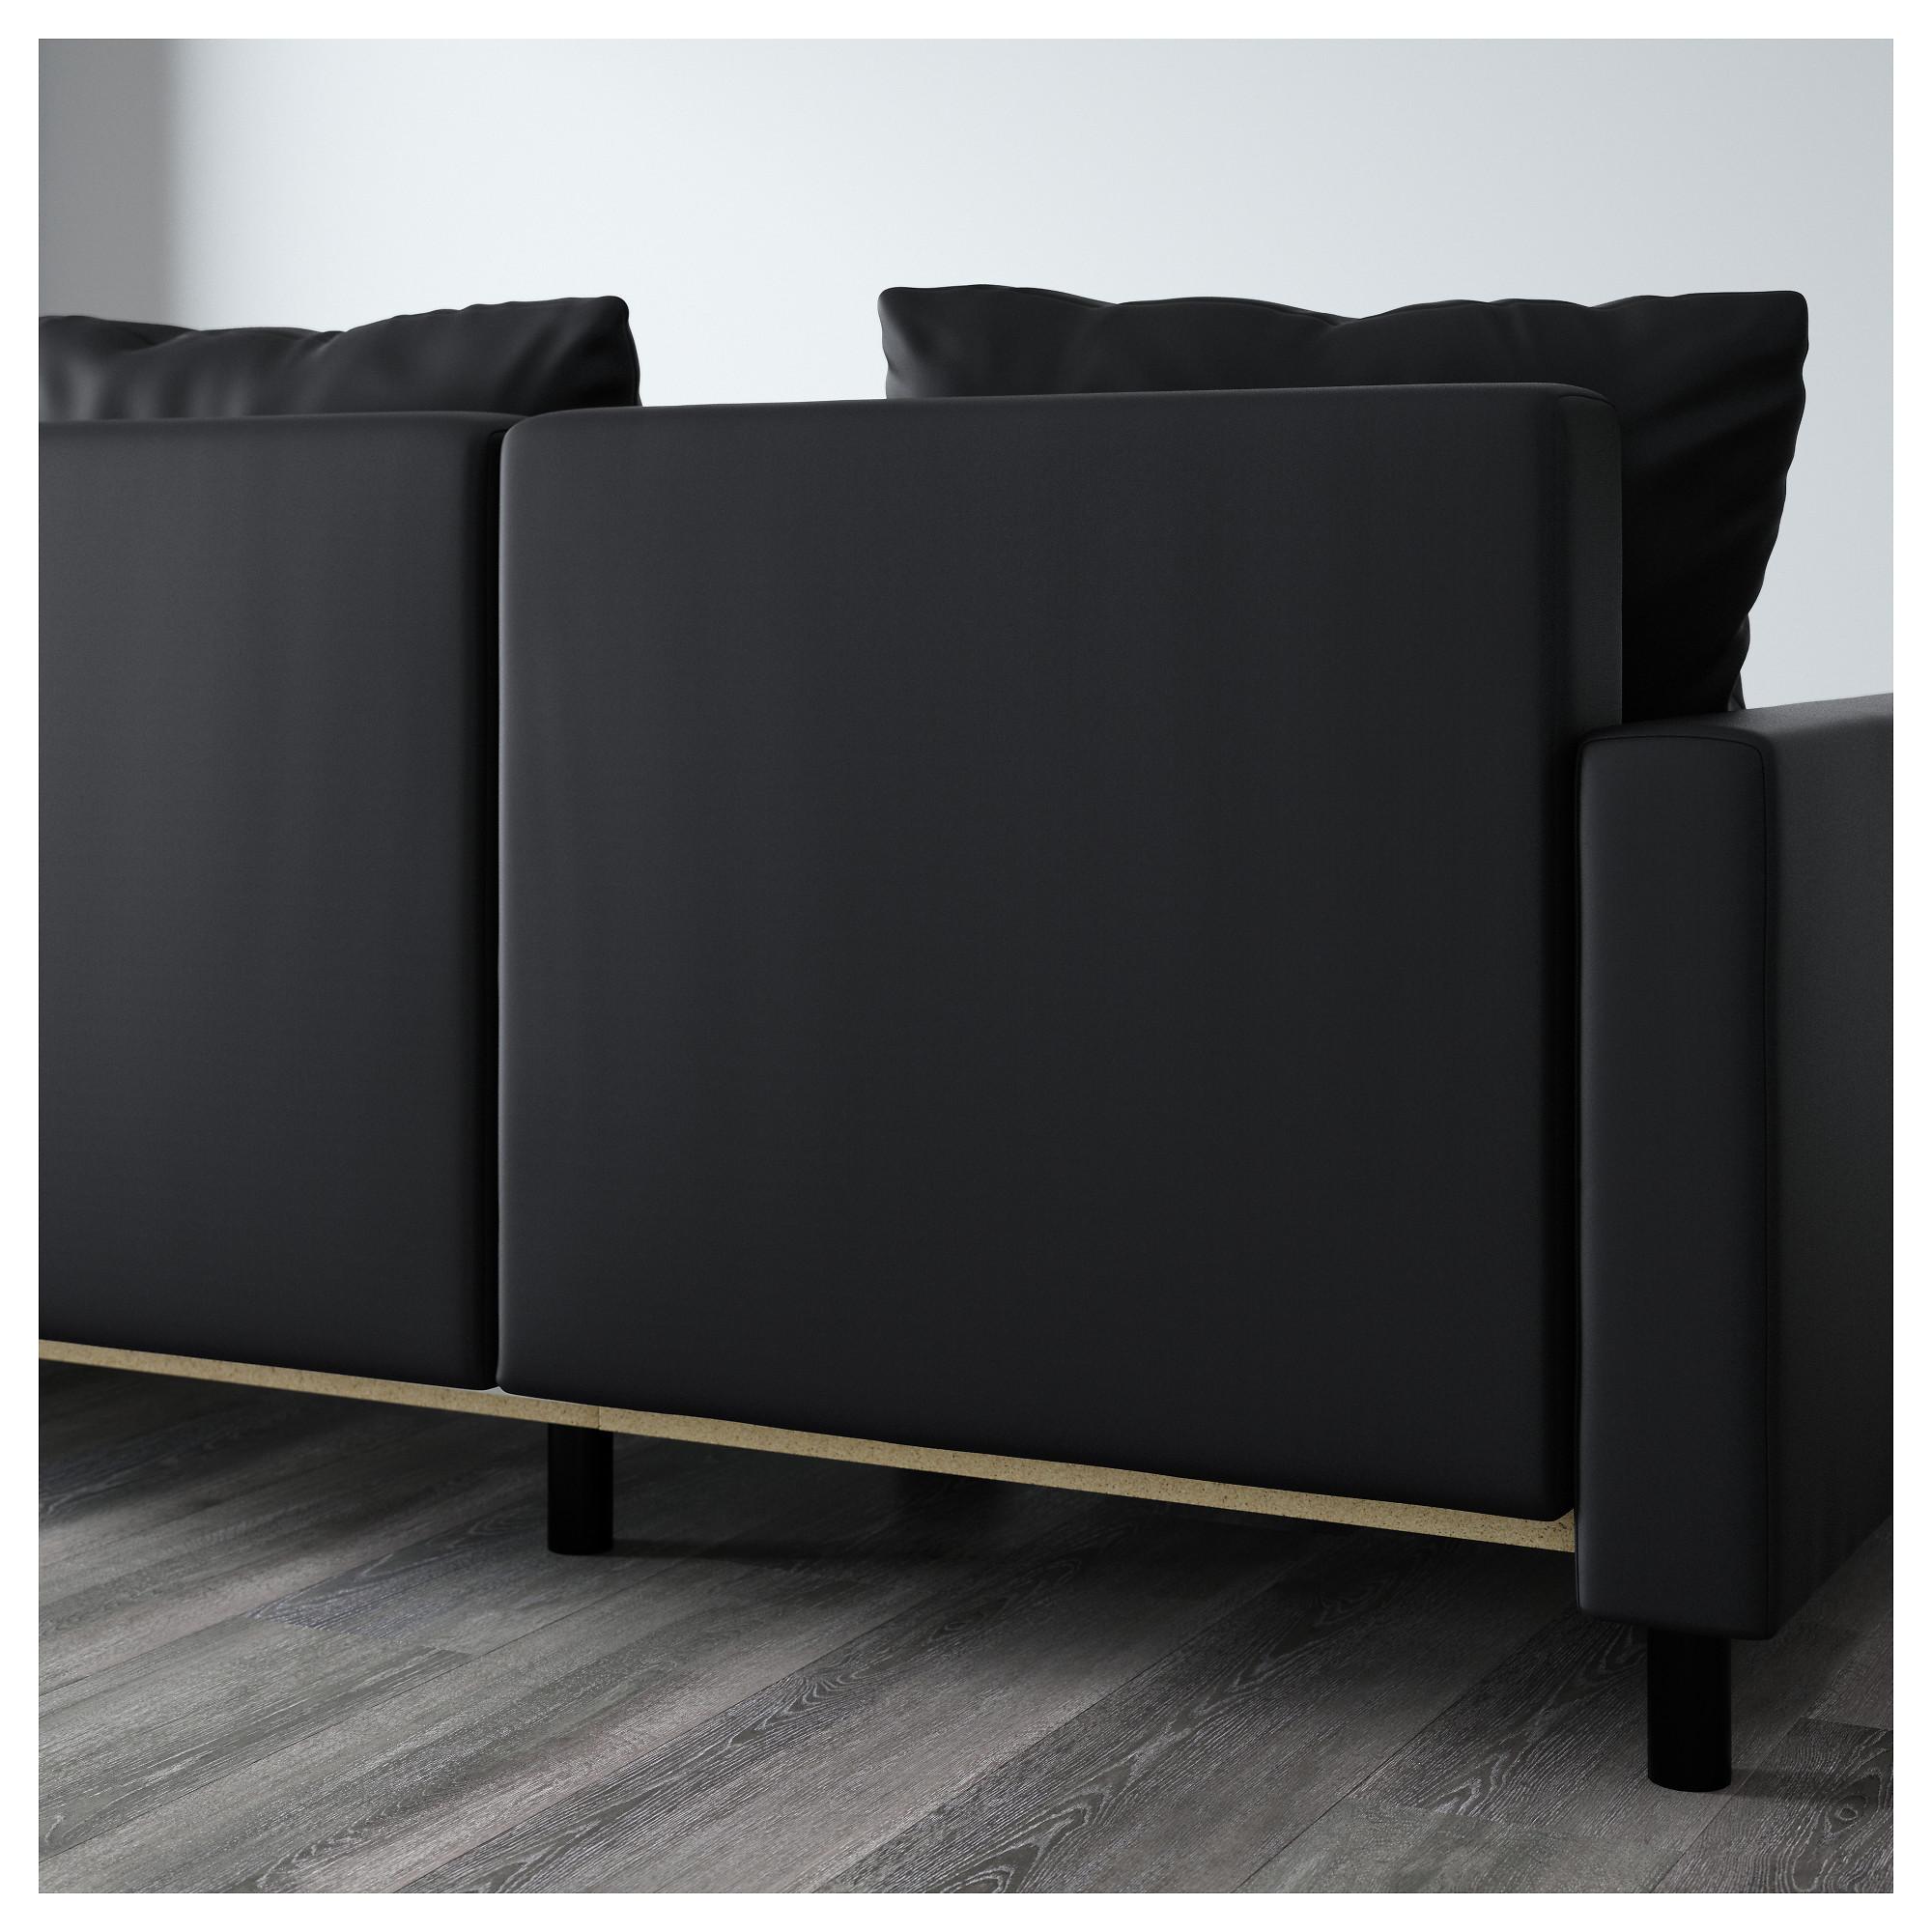 Диван-кровать с козеткой ЛУГНВИК черный артикуль № 502.084.94 в наличии.  Онлайн a361b788a55